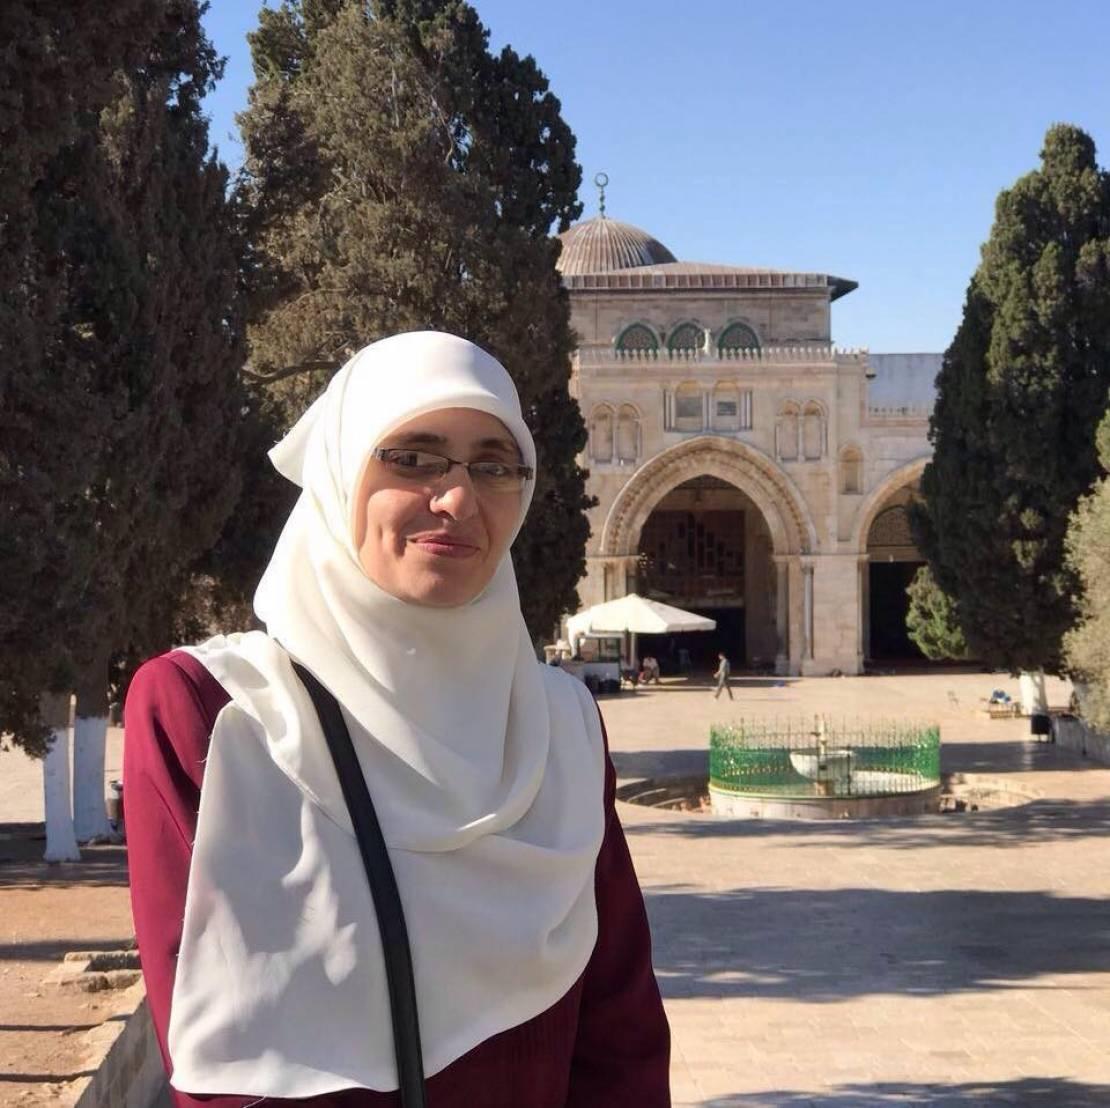 بالصور  ..  بعد اقتحام منزلها في القدس ..  الاحتلال يعتقل المعلمة هنادي الحلواني